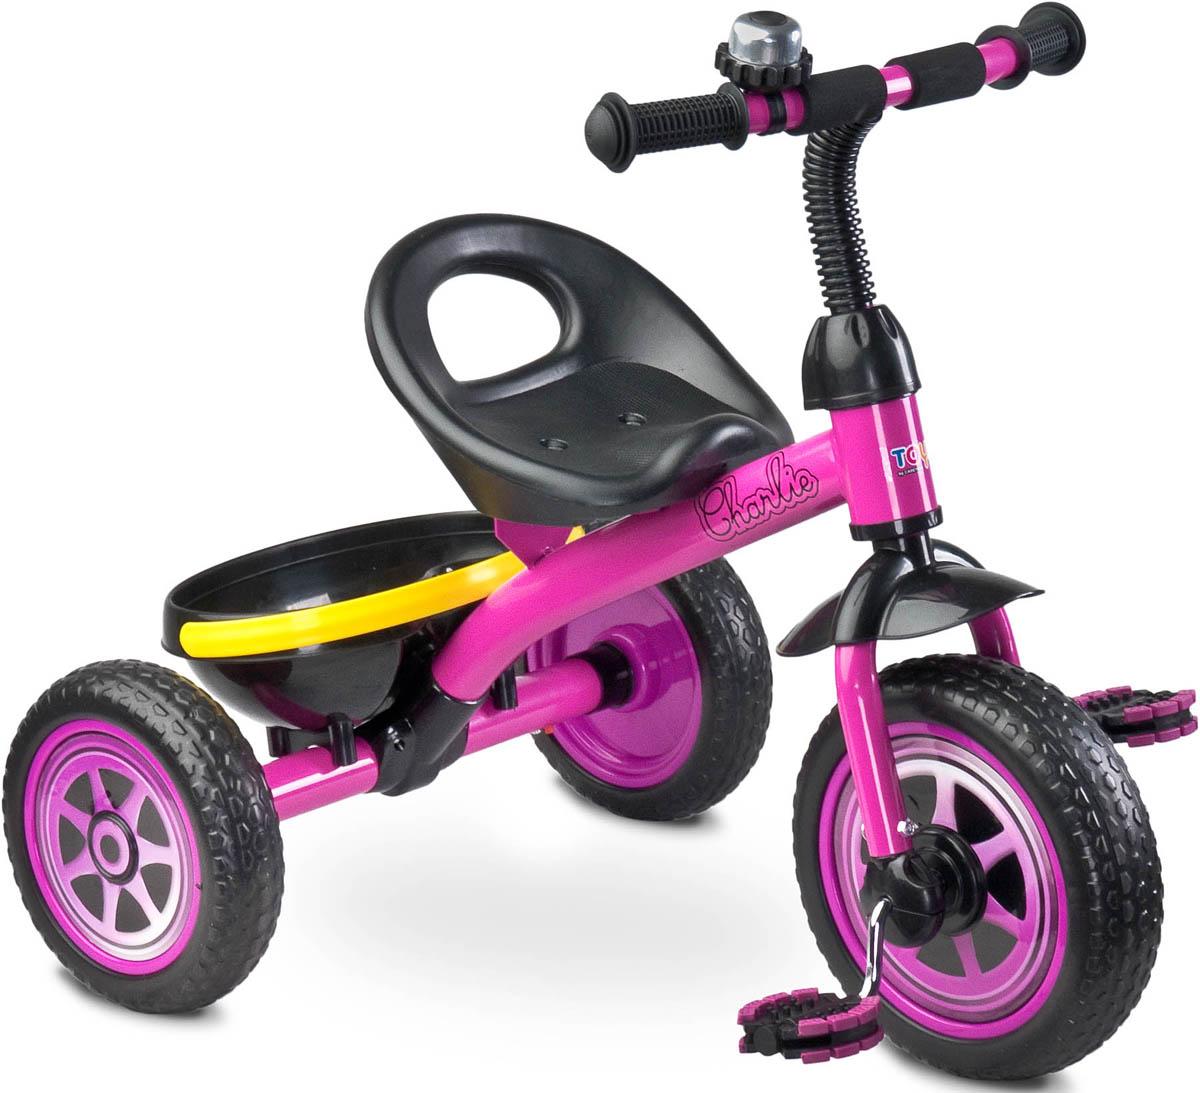 Caretero Велосипед трехколесный детский Charlie цвет фиолетовый